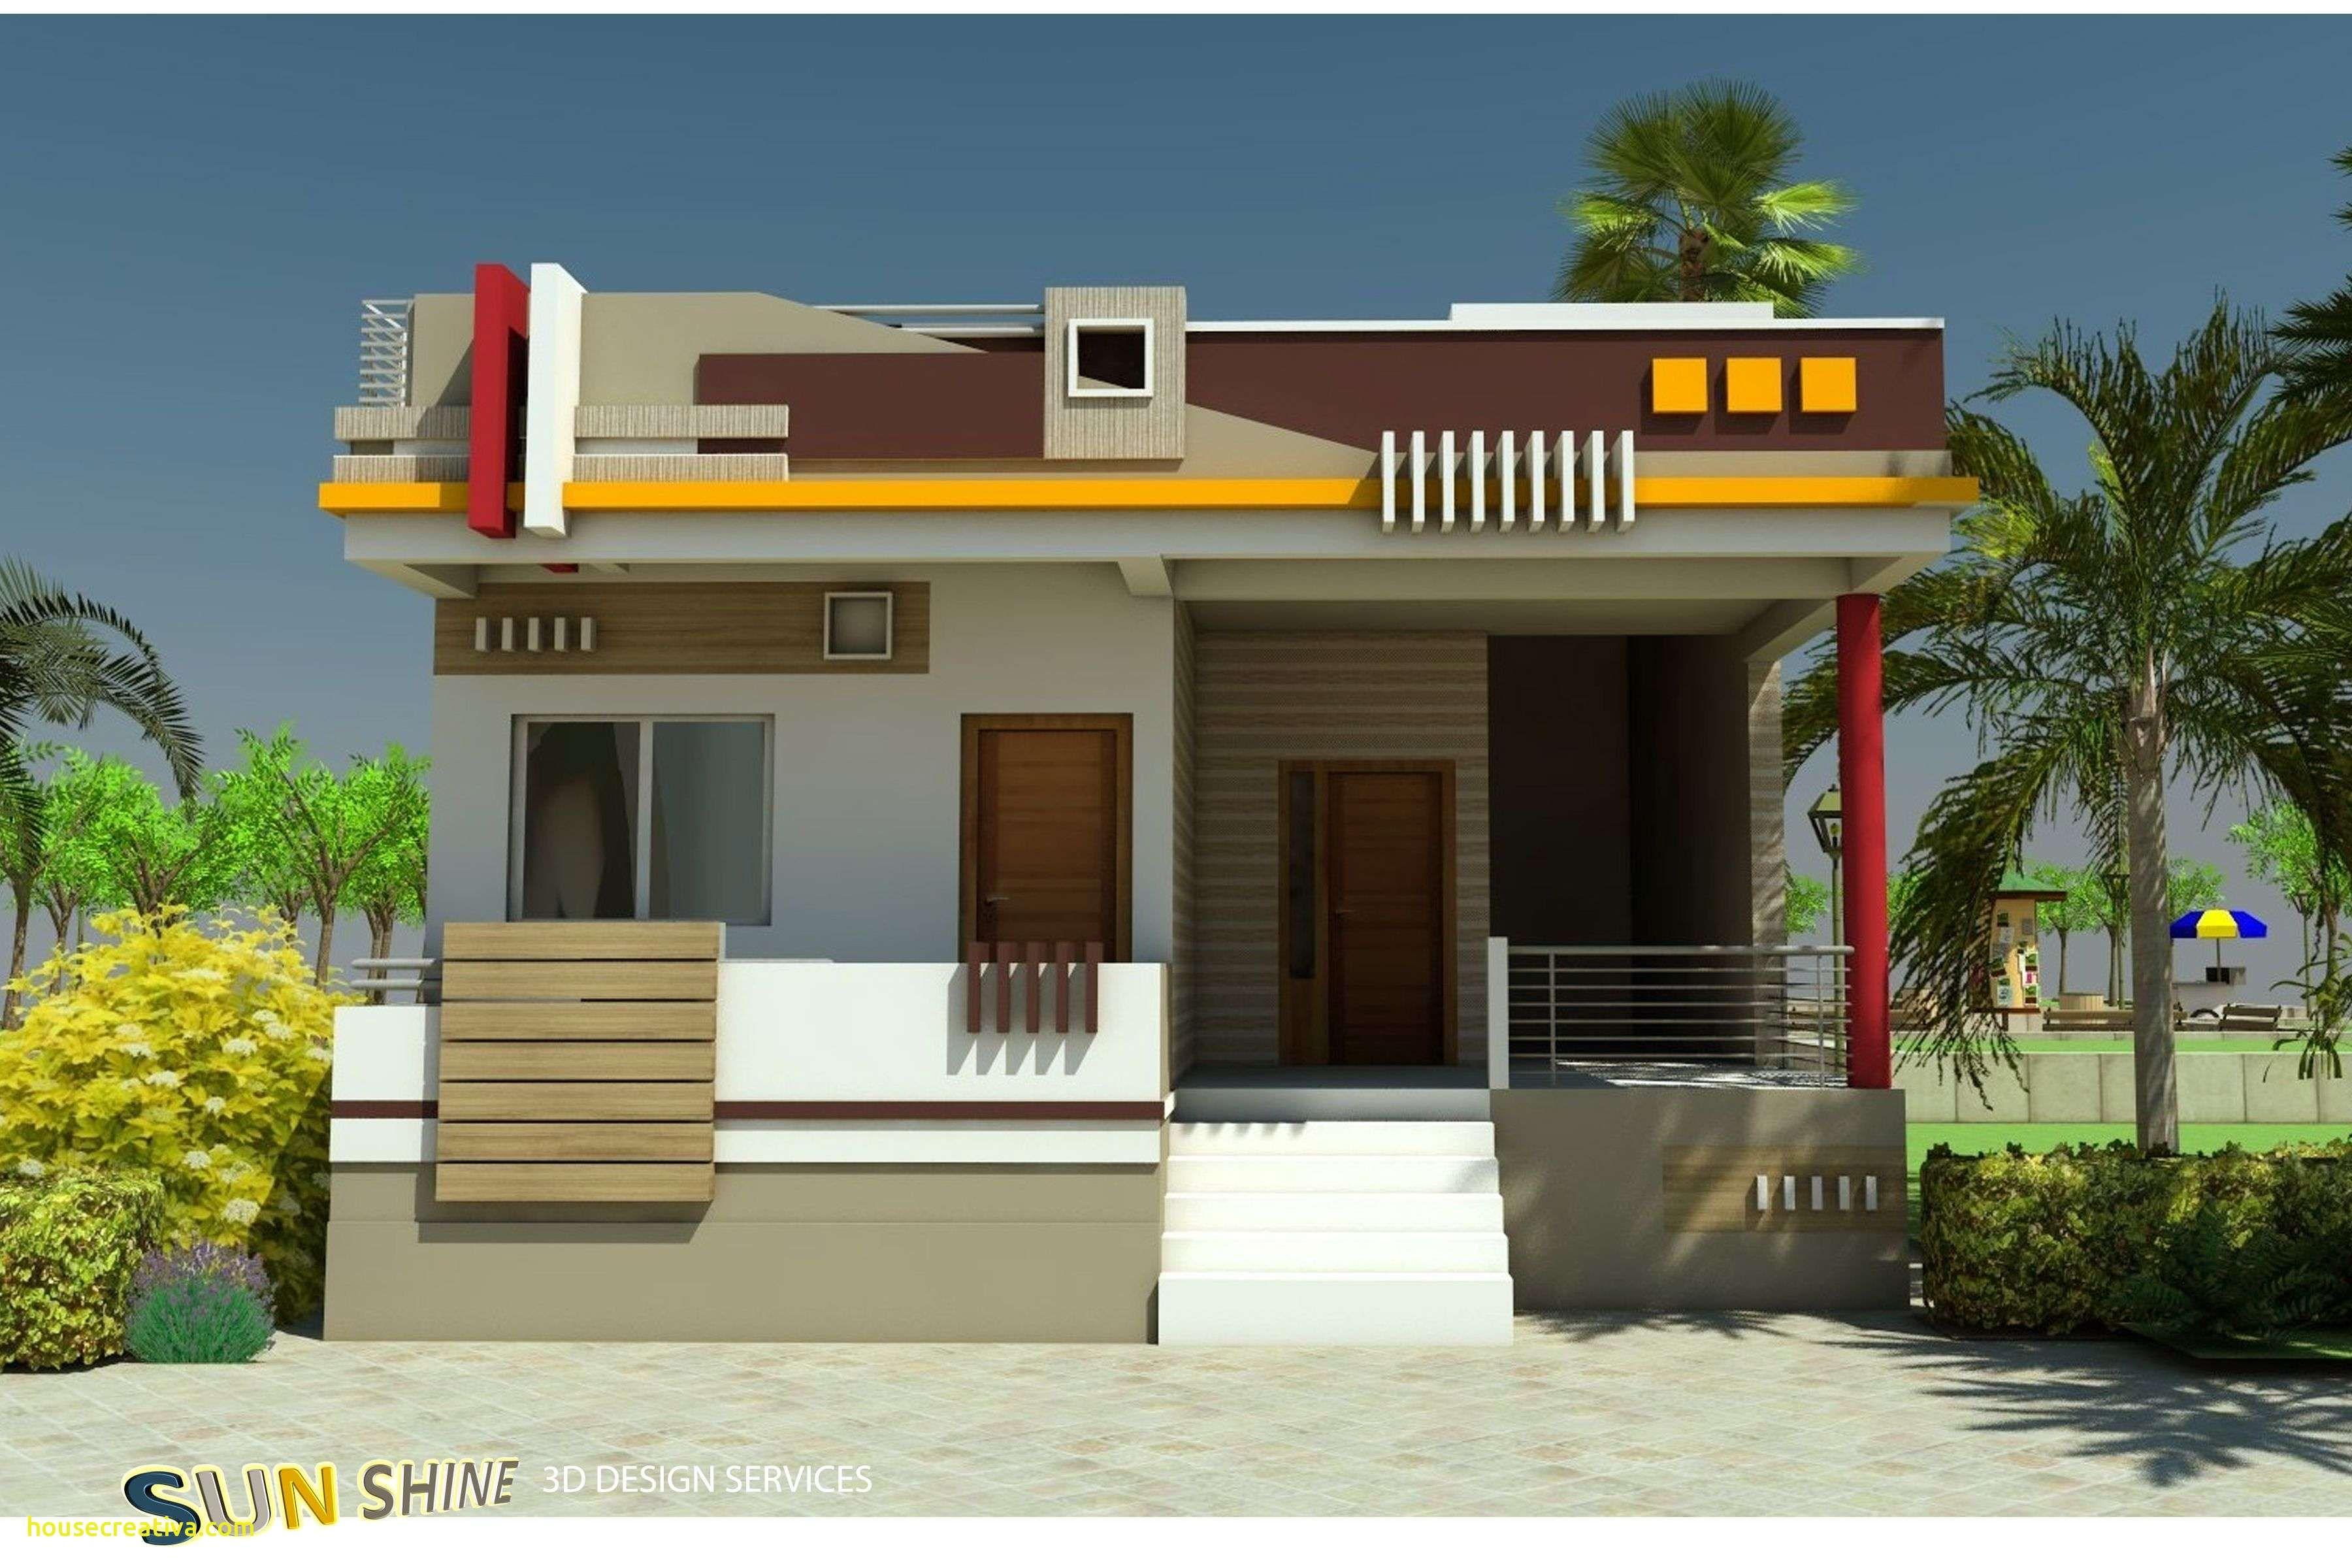 Elegant House Elevation Designs For Ground Floor Homedecoration Homedecorations Home Single Floor House Design House Front Design Small House Front Design